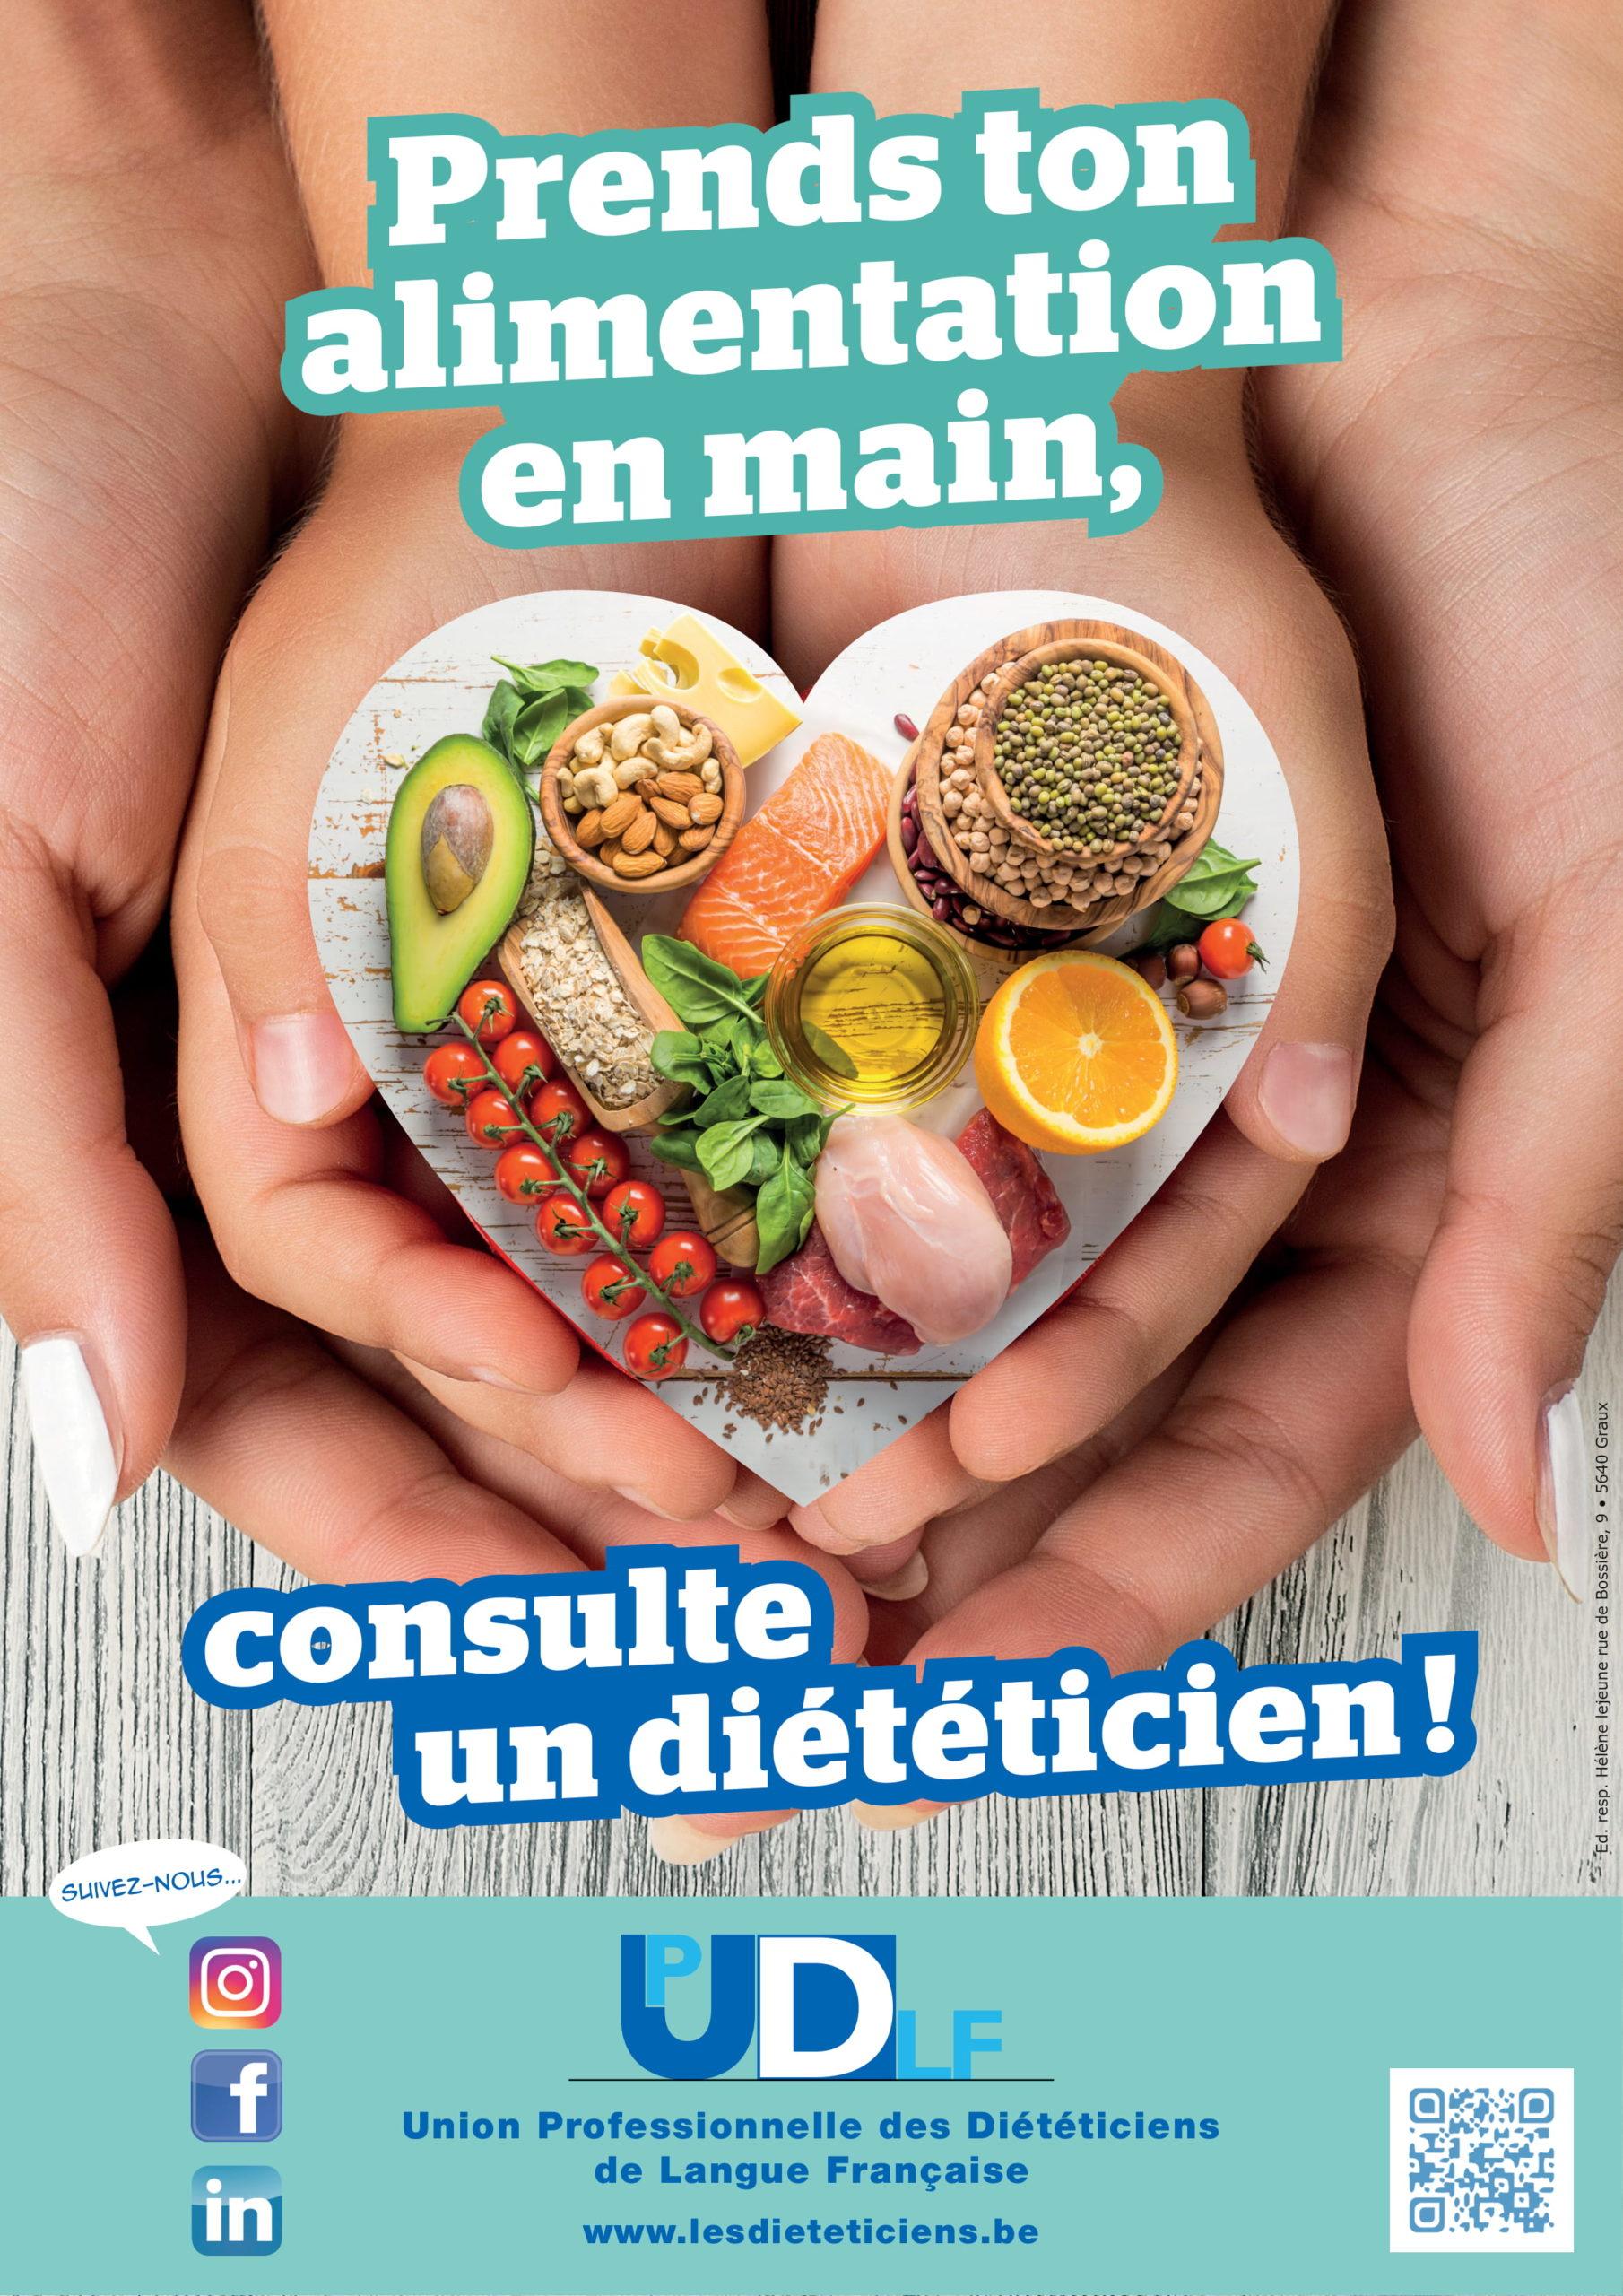 Prends ton alimentation en main, consulte un diététicien !